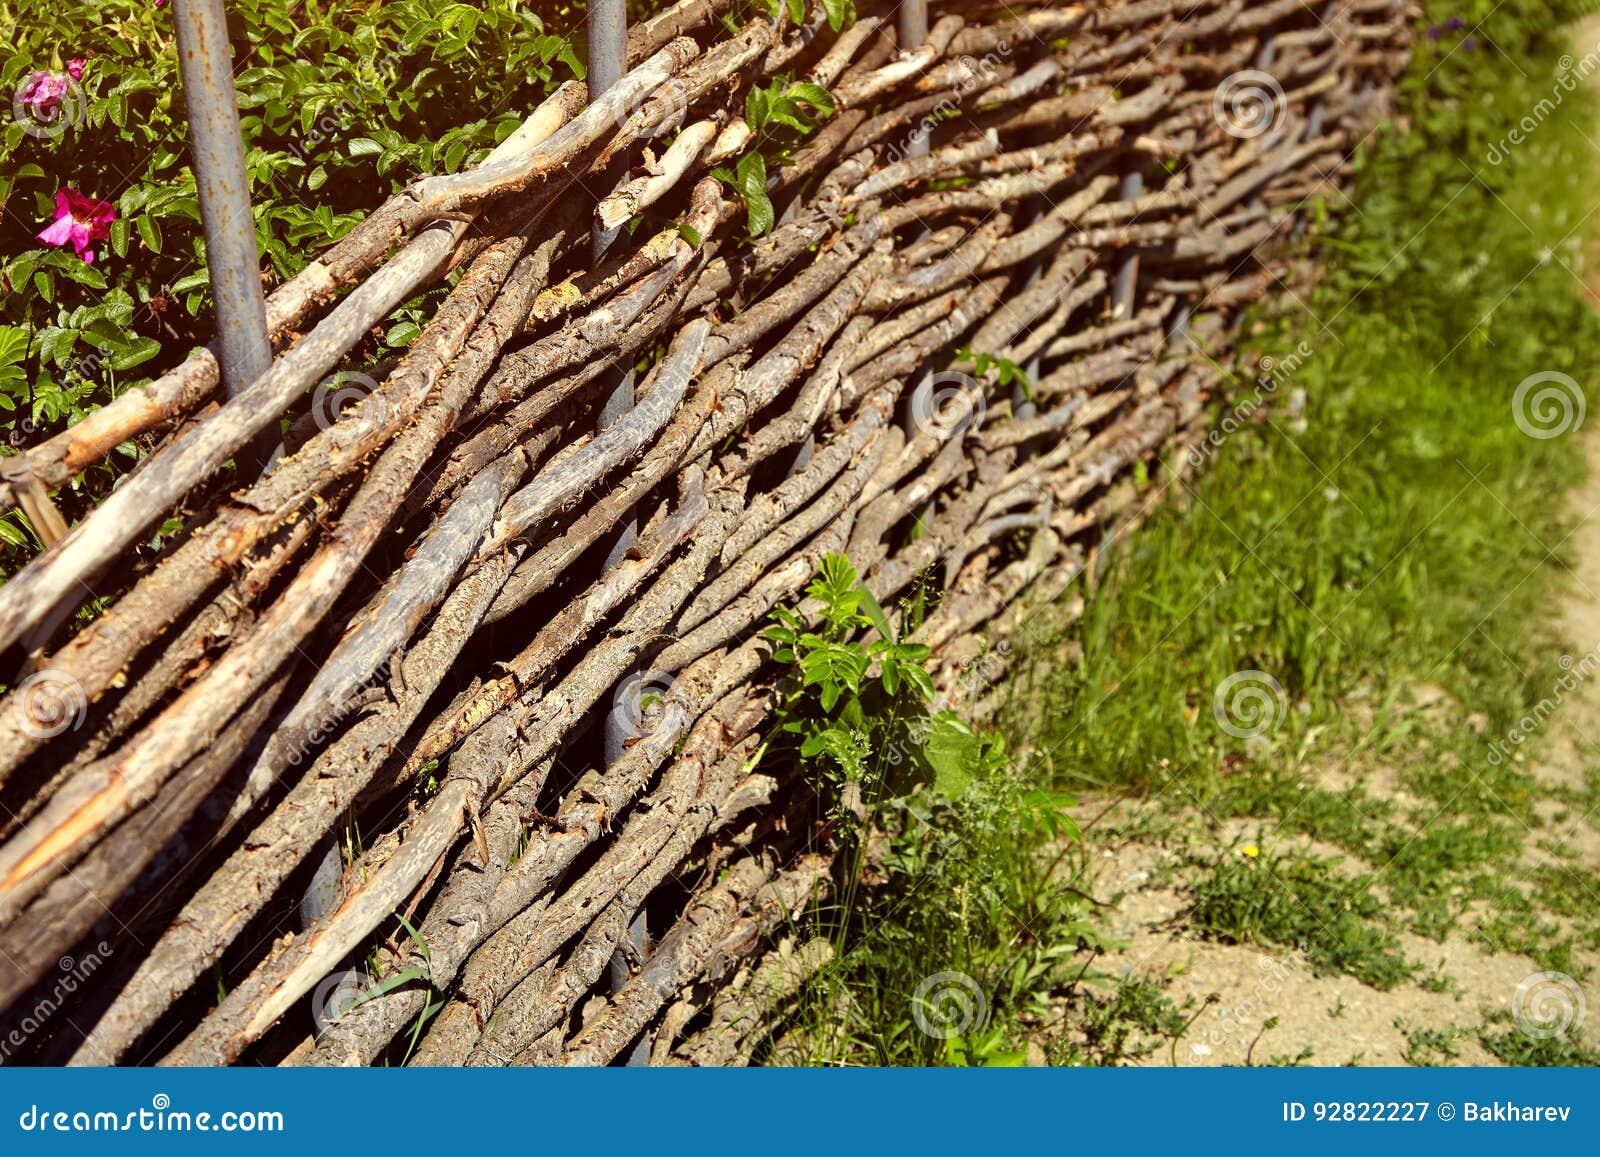 aus weiden geflochtener rustikaler zaun im garten stockbild bild von braun landwirtschaftlich. Black Bedroom Furniture Sets. Home Design Ideas